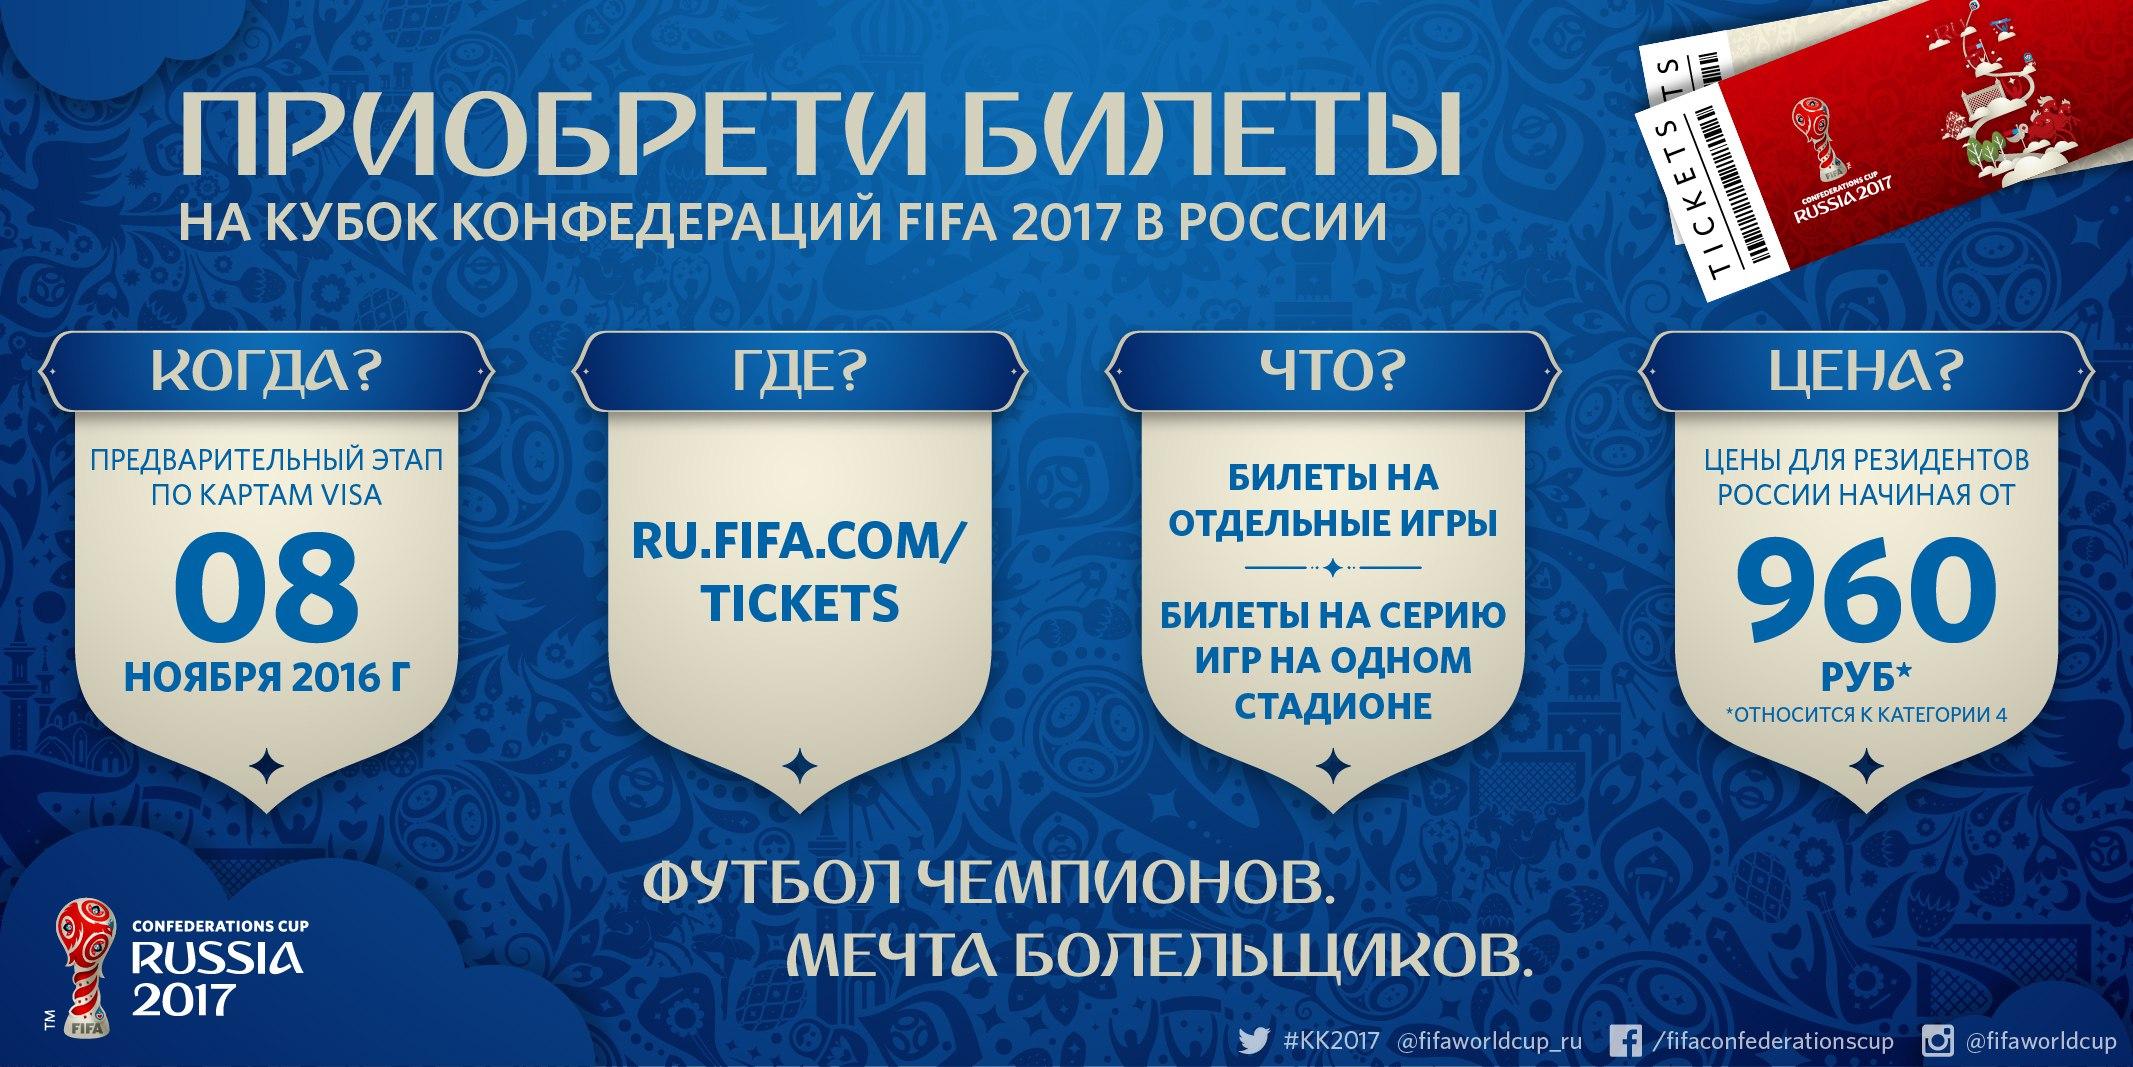 Объявлены цены на билеты на Кубок Конфедераций FIFA и Чемпионат мира по футболу FIFA